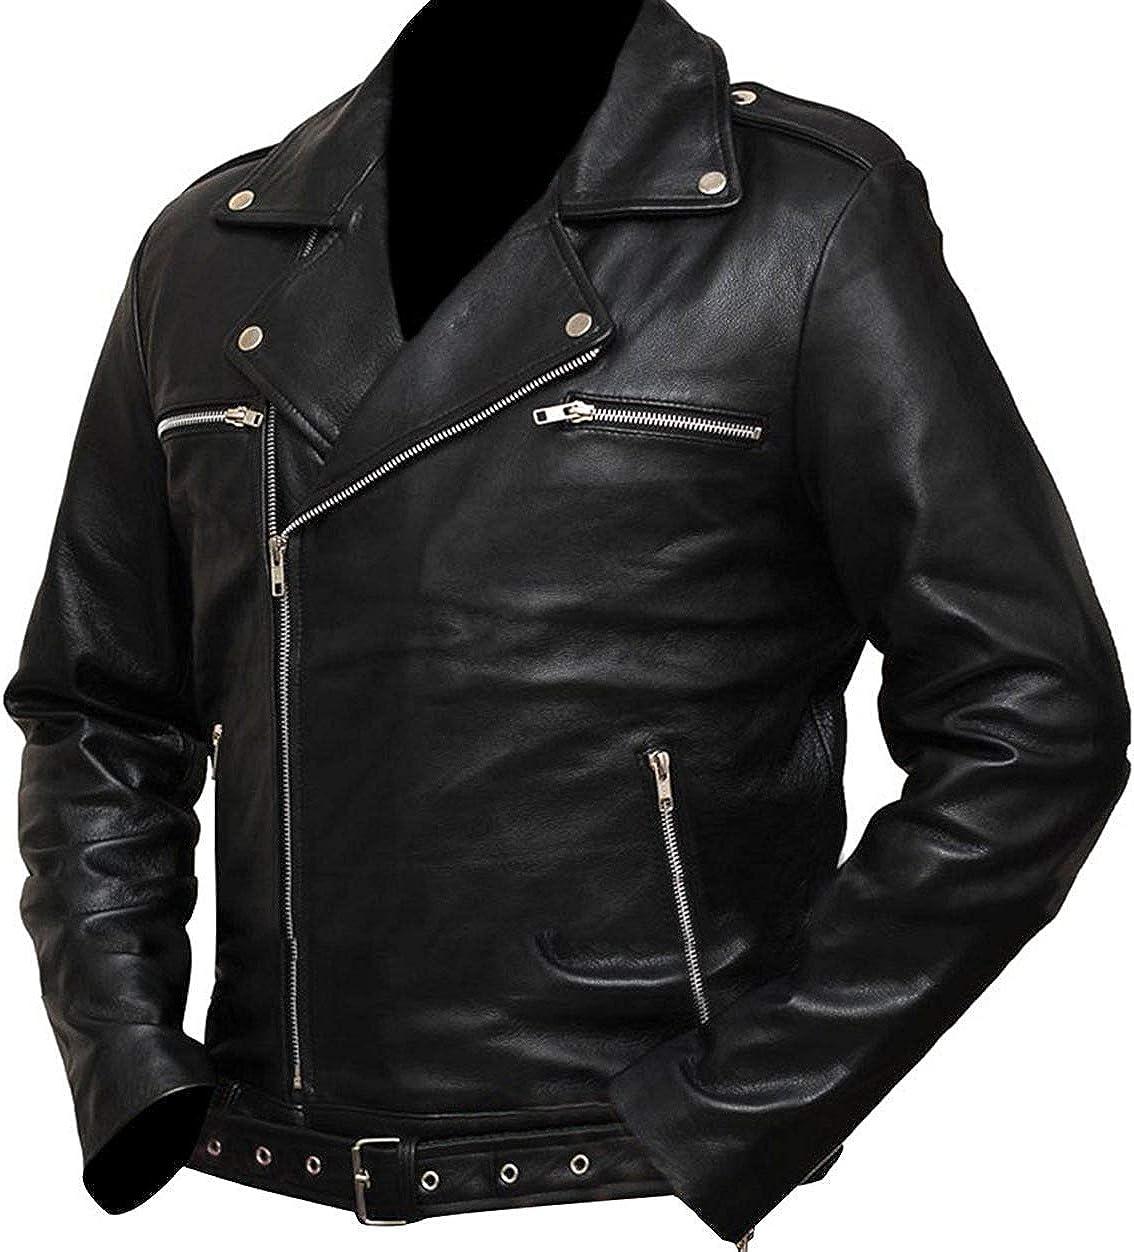 Haute/_Fashions Negan Walking Dead S7 Jeffrey Dean Morgan Black Jacket